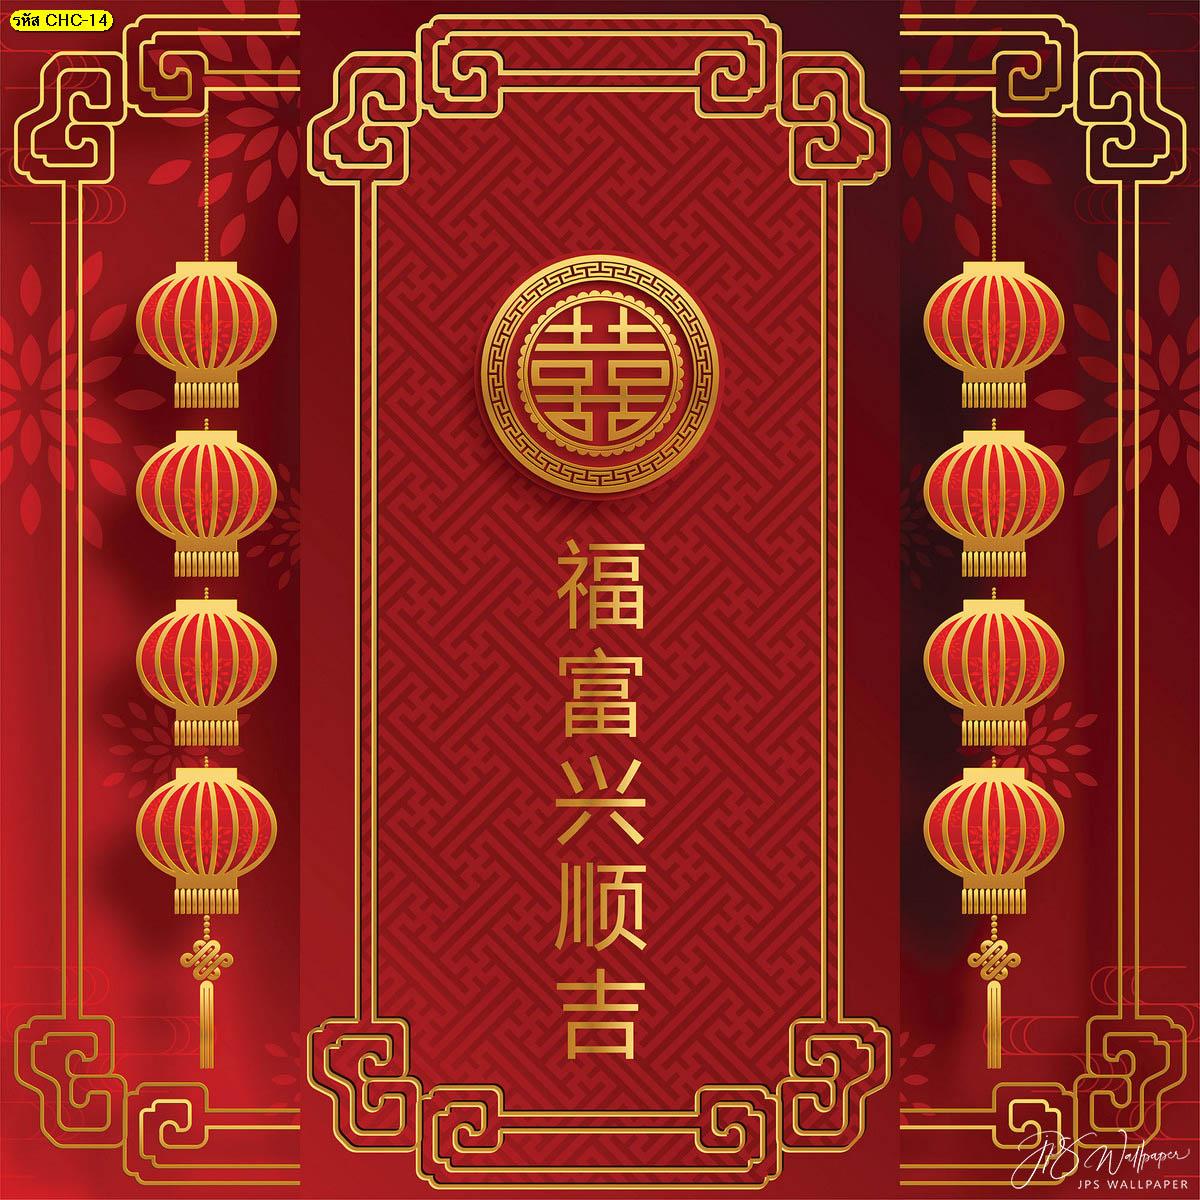 ภาพติดผนังลายป้ายมงคลจีน ไอเดียตกแต่งบ้านสไตล์จีน ภาพจีนมงคลสีแดงลายตรุษจีน